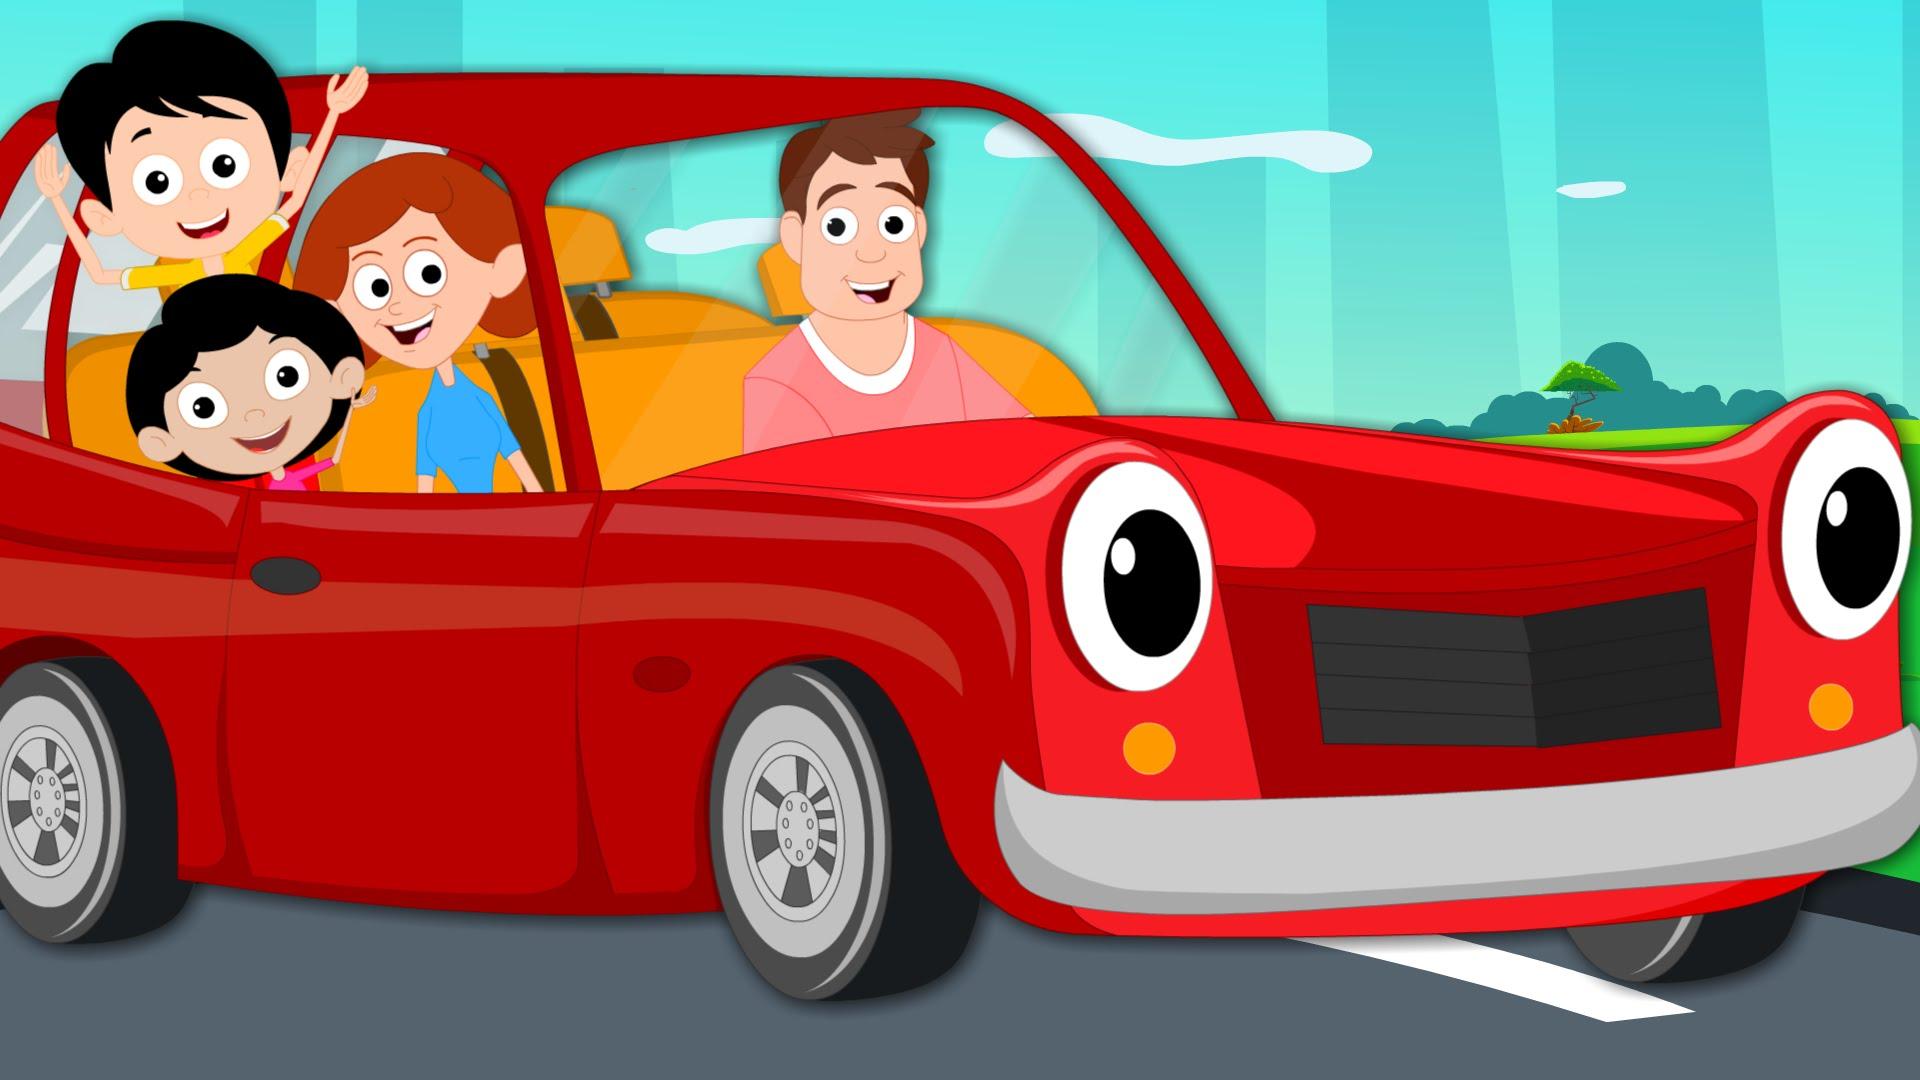 Интересные игры с которыми не заскучаешь, путешествуя на машине